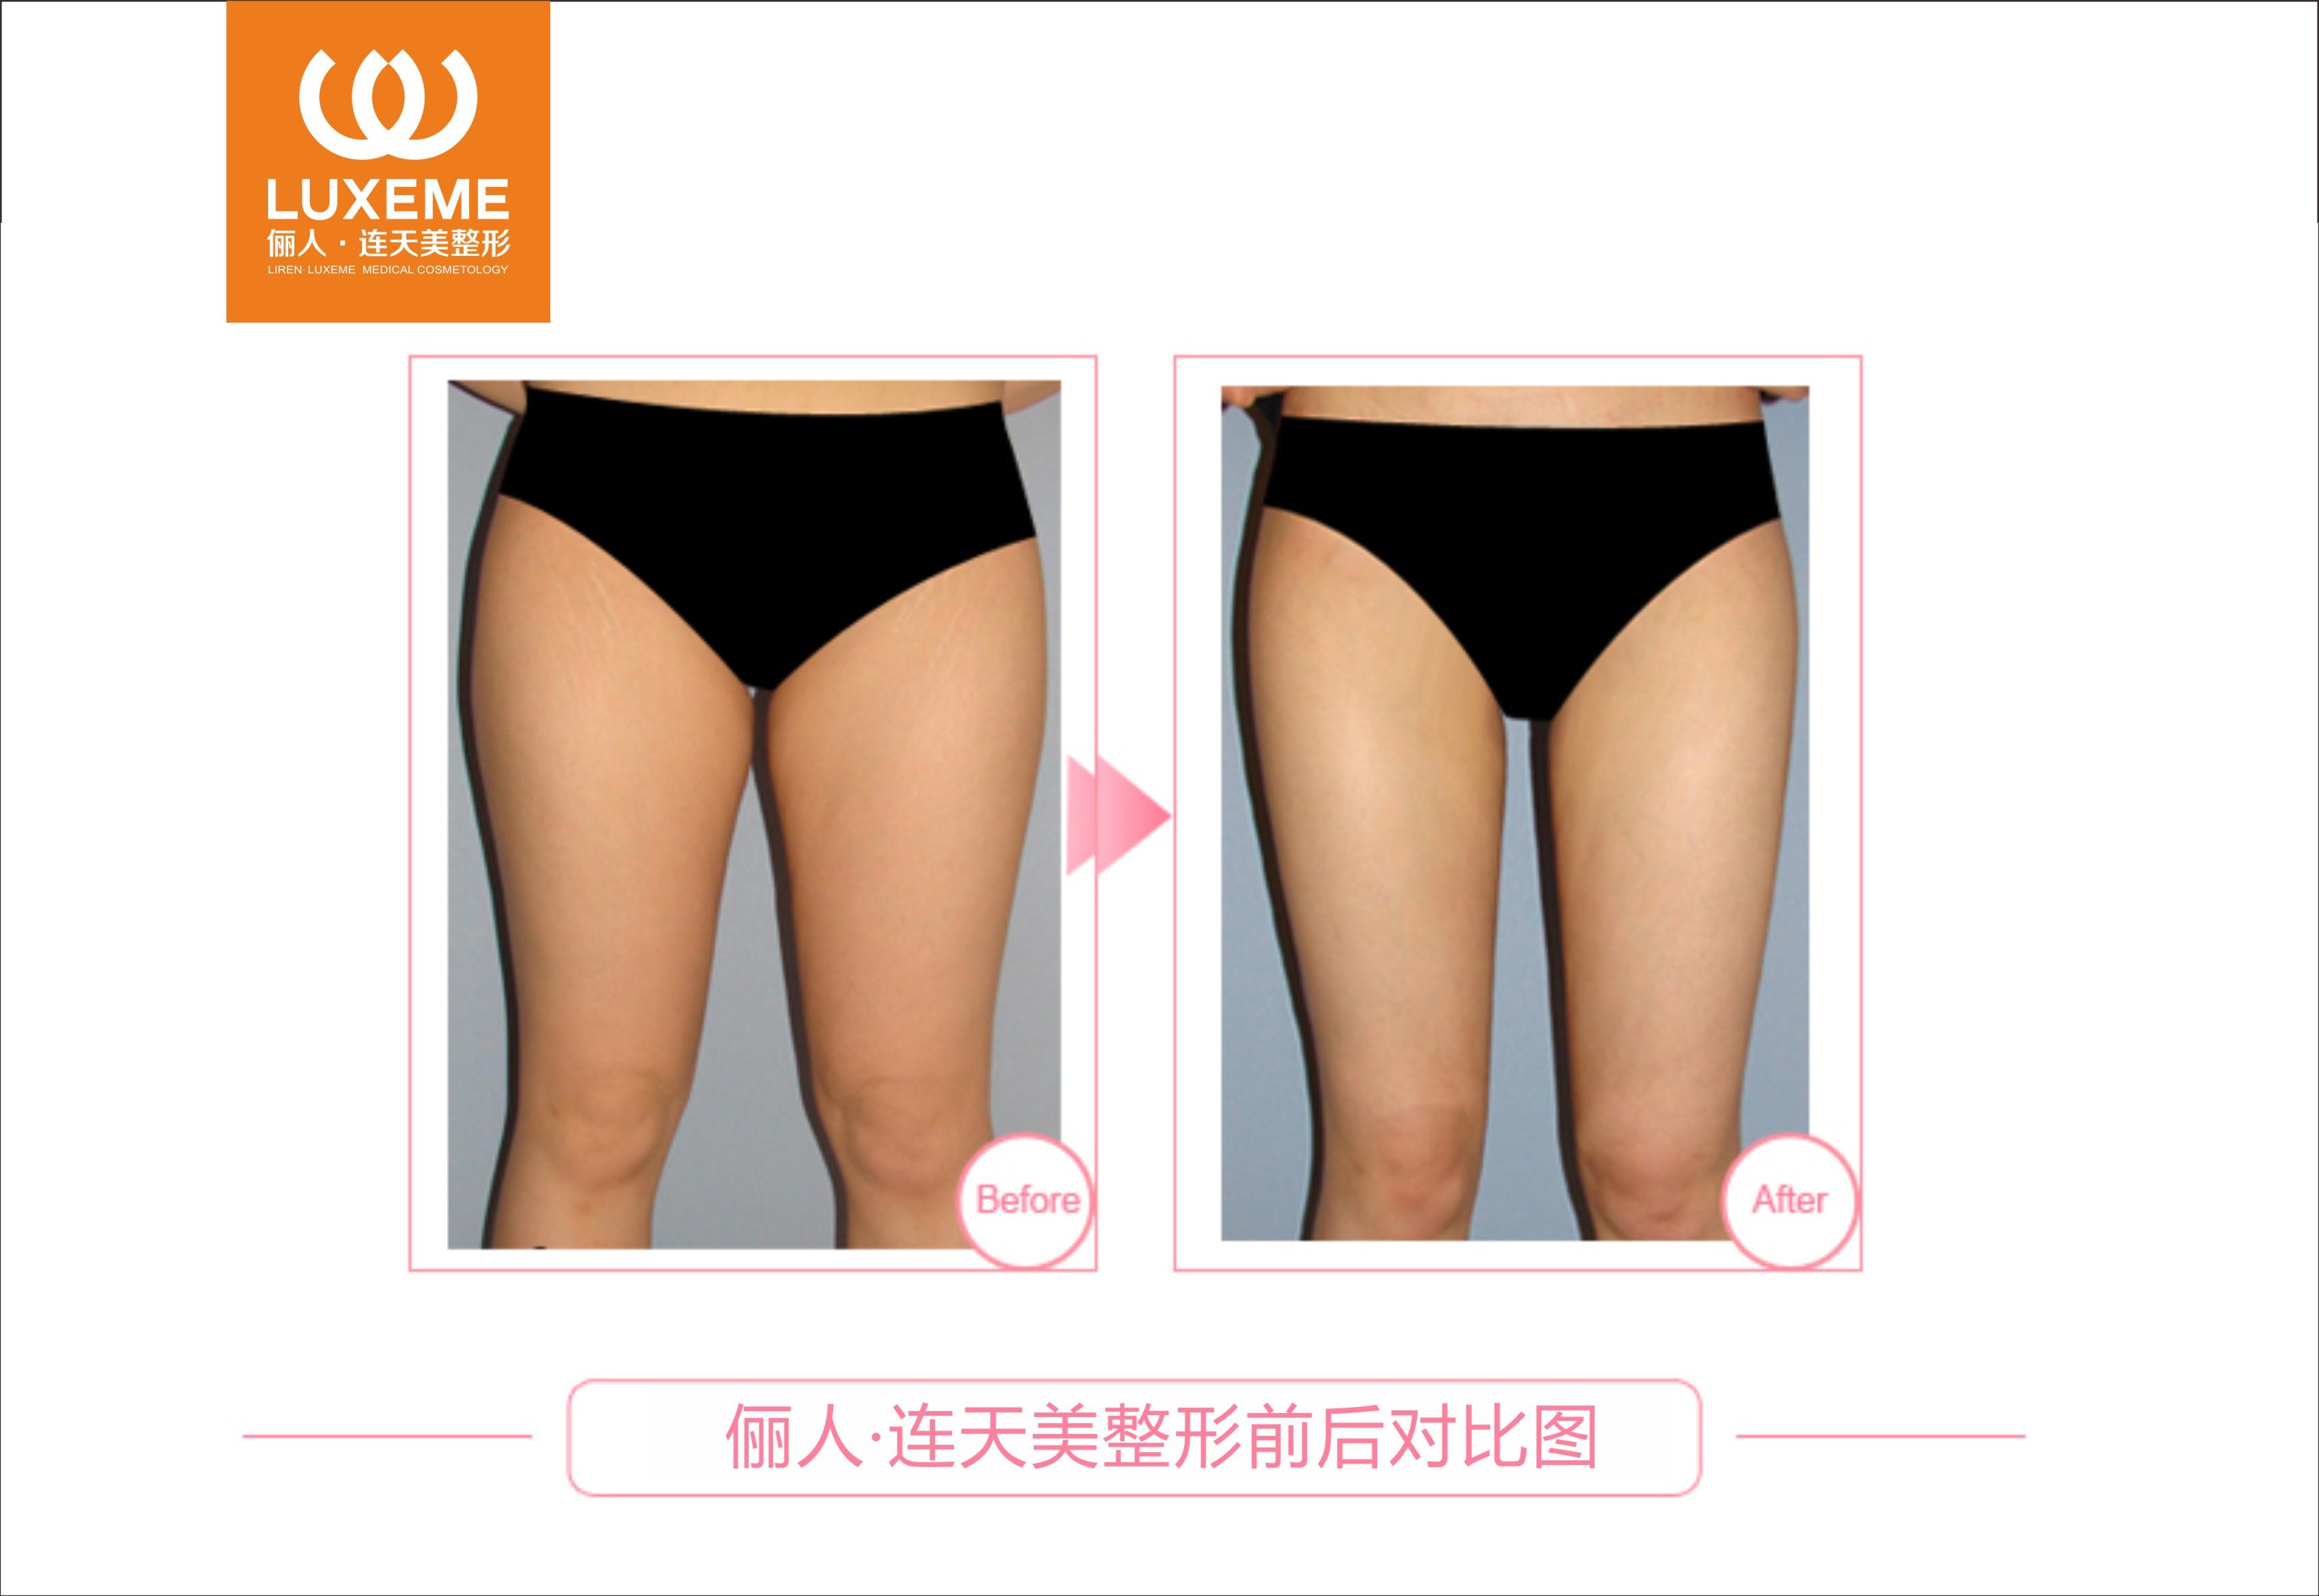 大腿吸脂成功案例,拥有瘦小大长腿